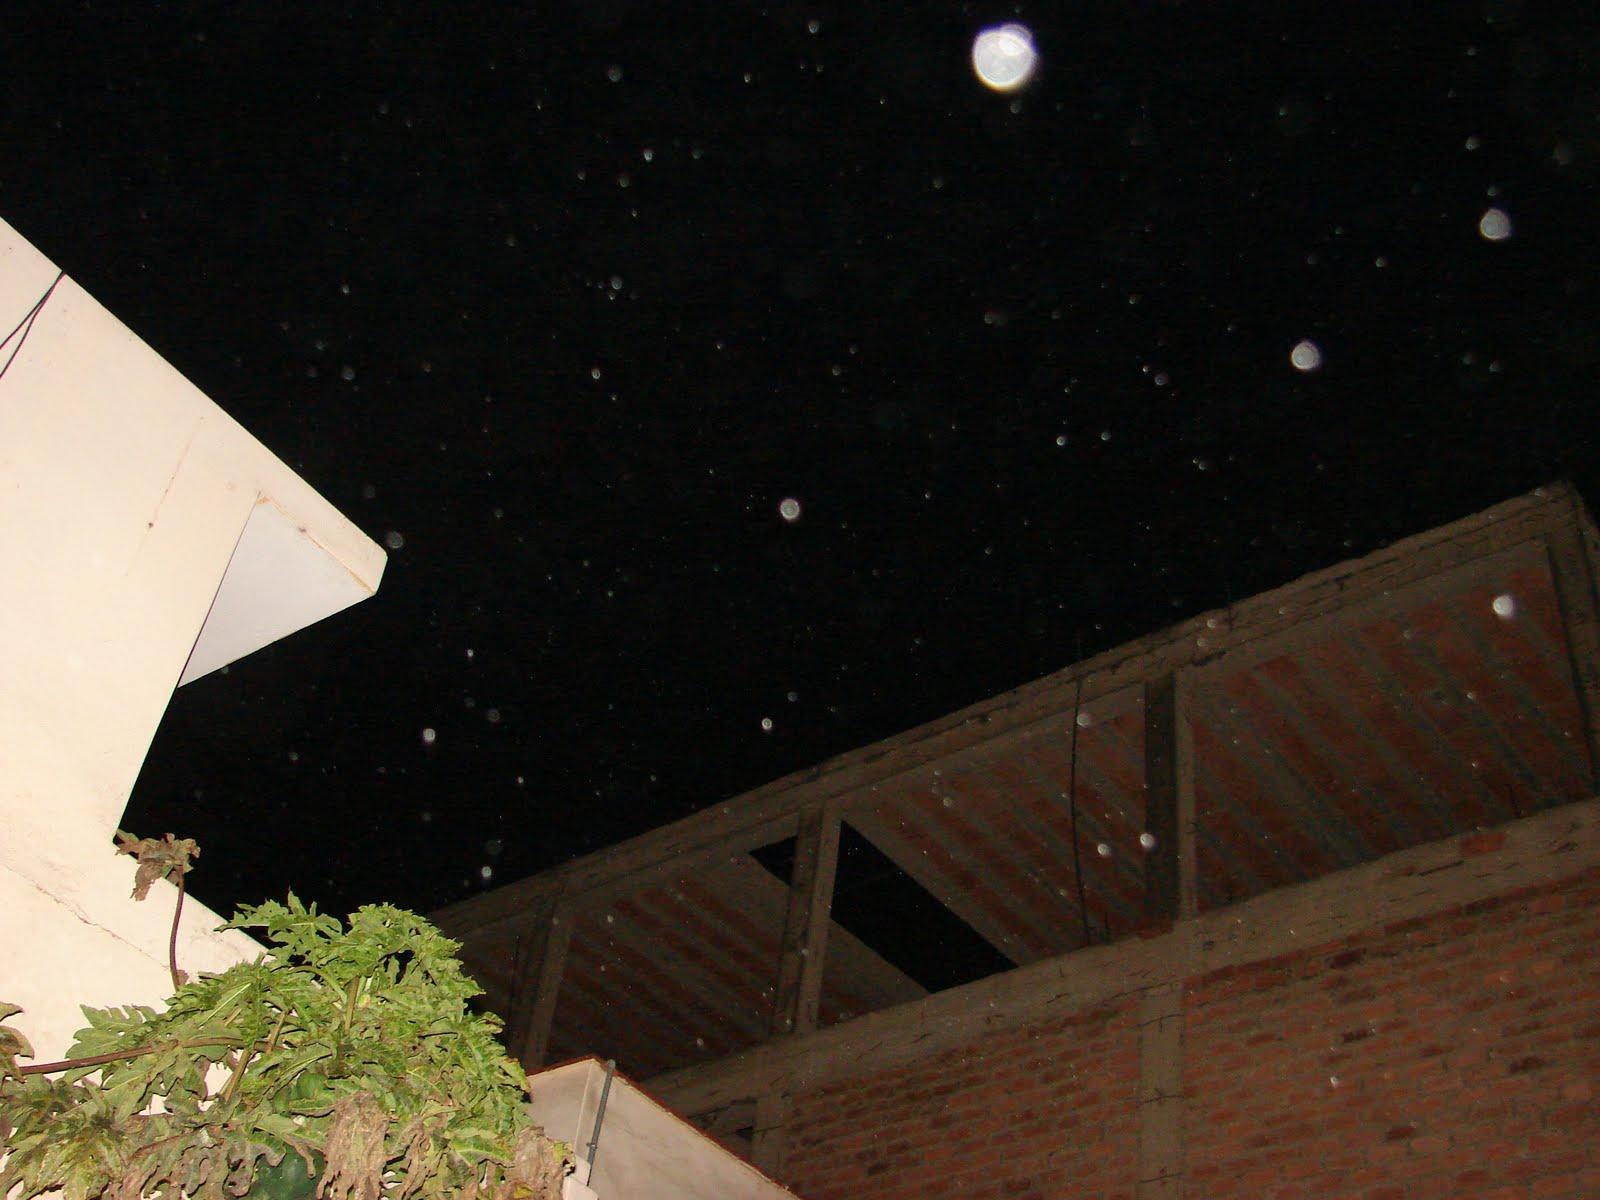 Urgente-6-octubre-7-8-9-10-11-12-13...2011...avistamientos Ovni en cielo casa Huacho hoy-,2:40 am